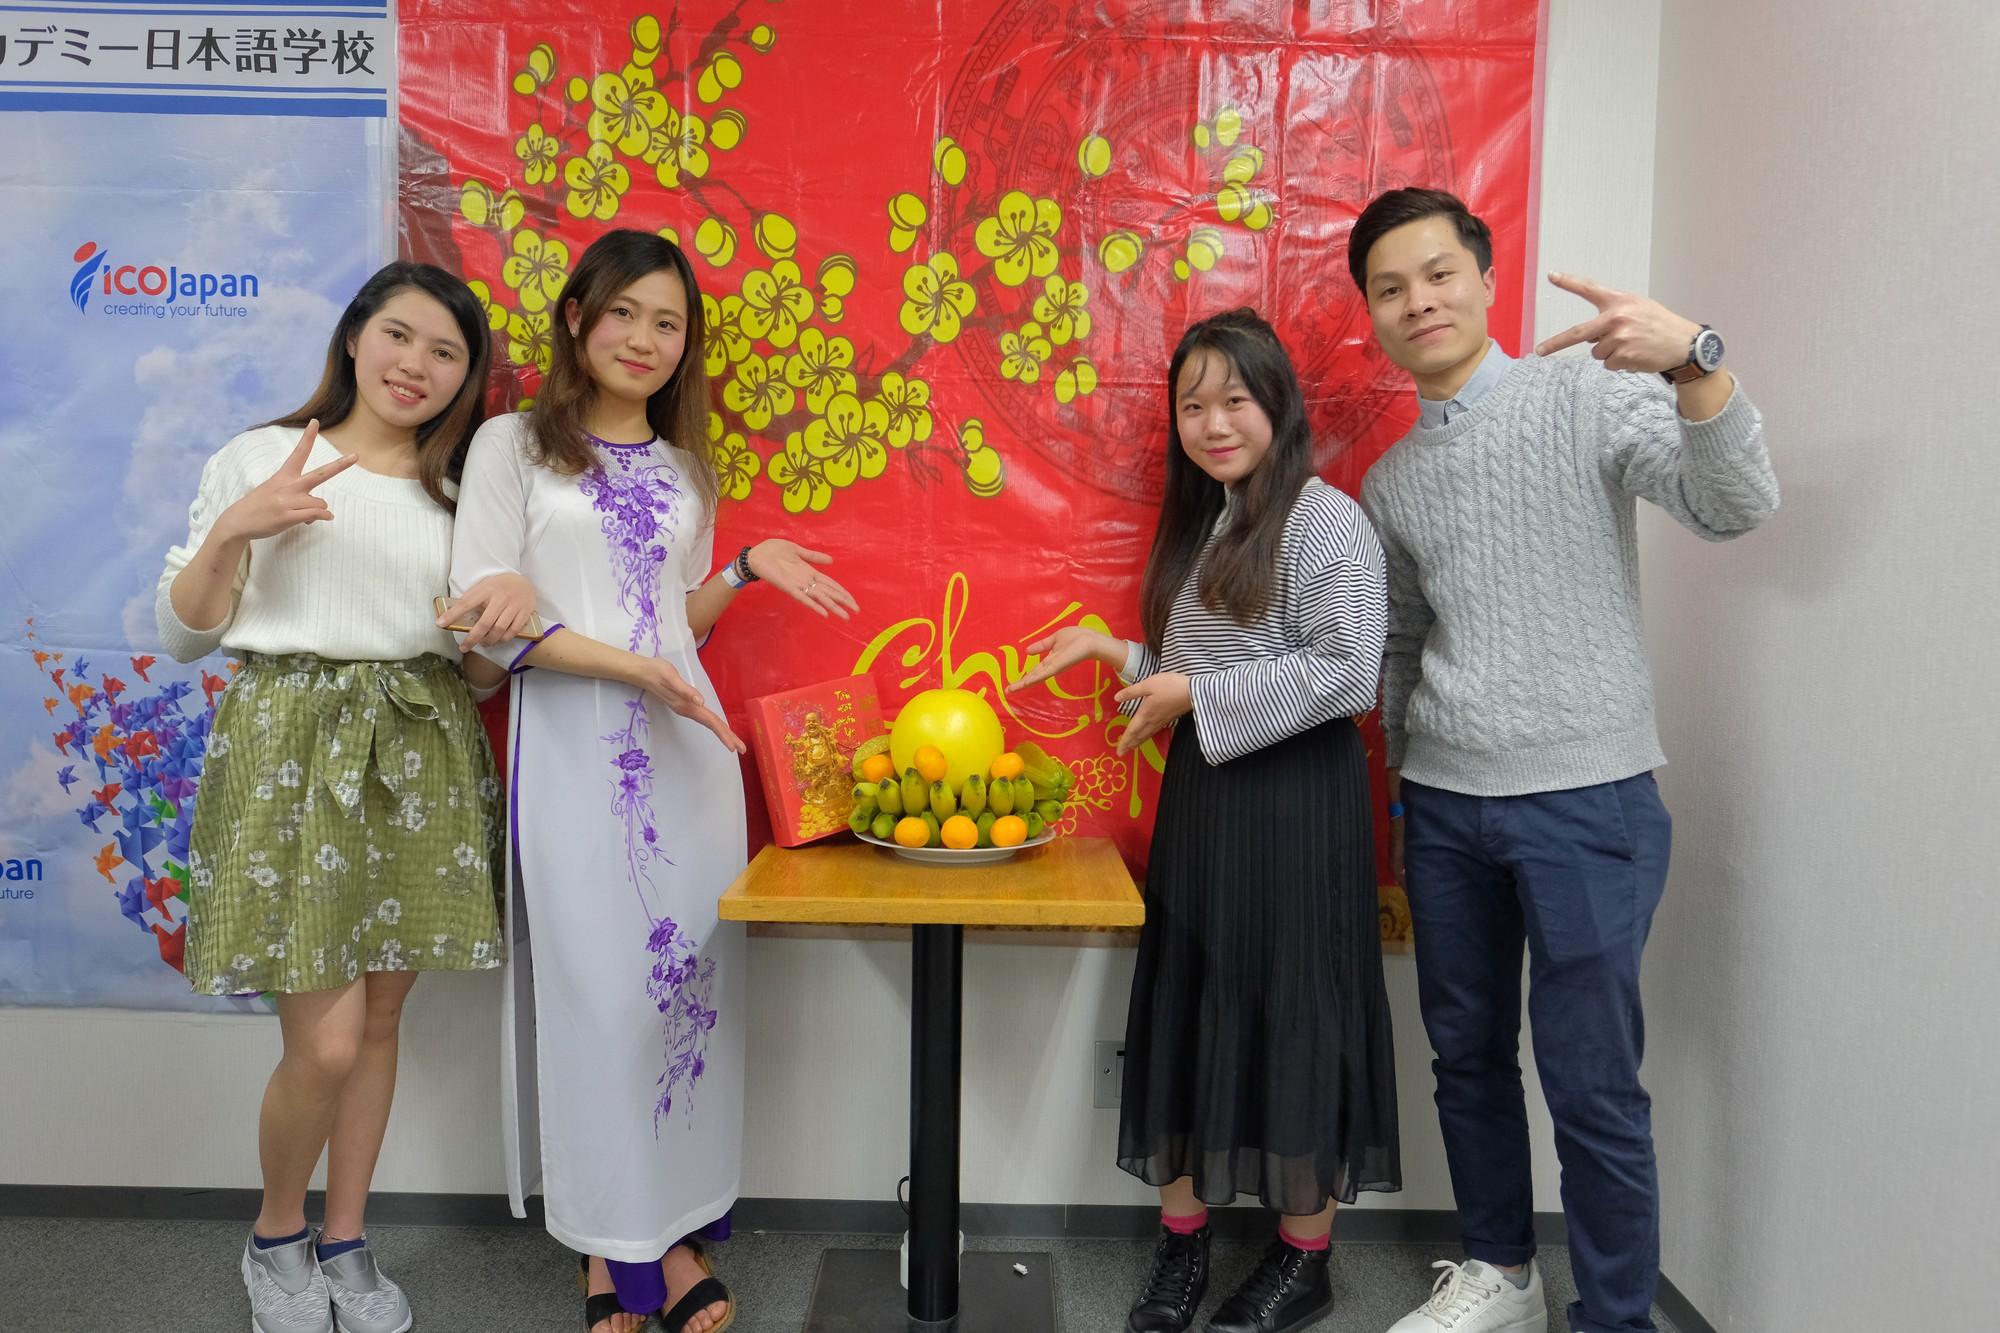 Ở nhà chưa thấy Tết đâu nhưng DHS Việt ở Nhật đã đón Tết rất hoành tráng rồi - Ảnh 10.